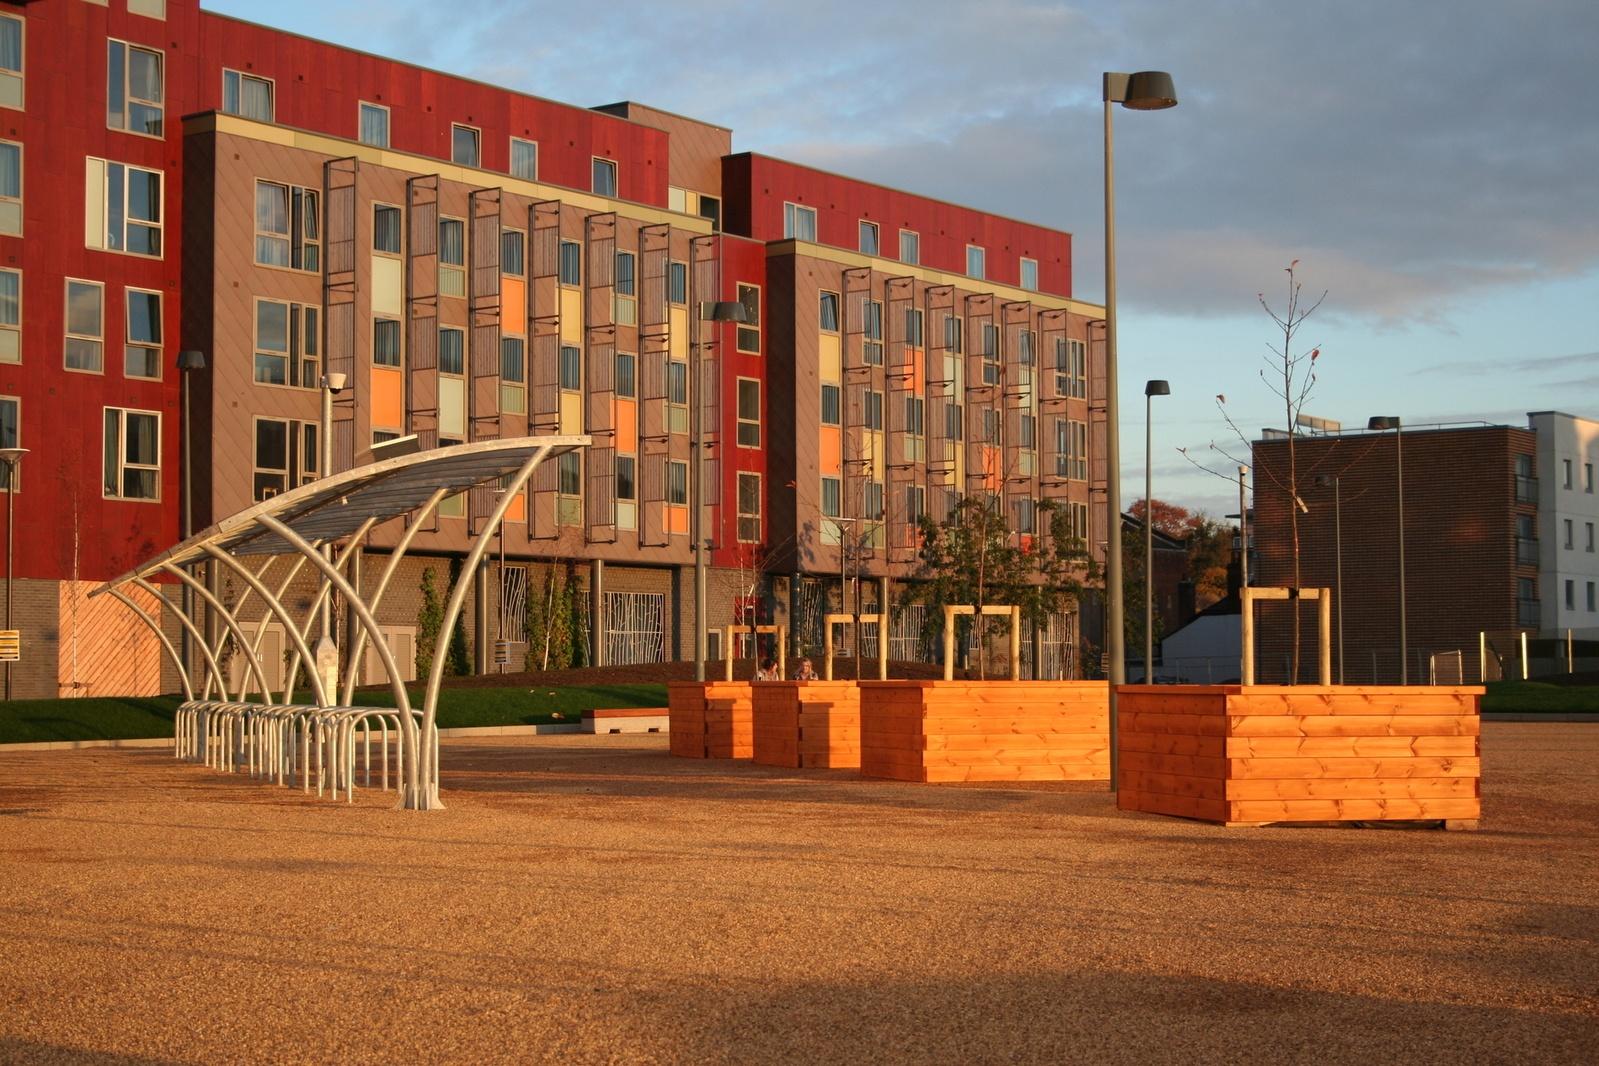 university-campus-suffolk-1202940-1599x1066.jpg